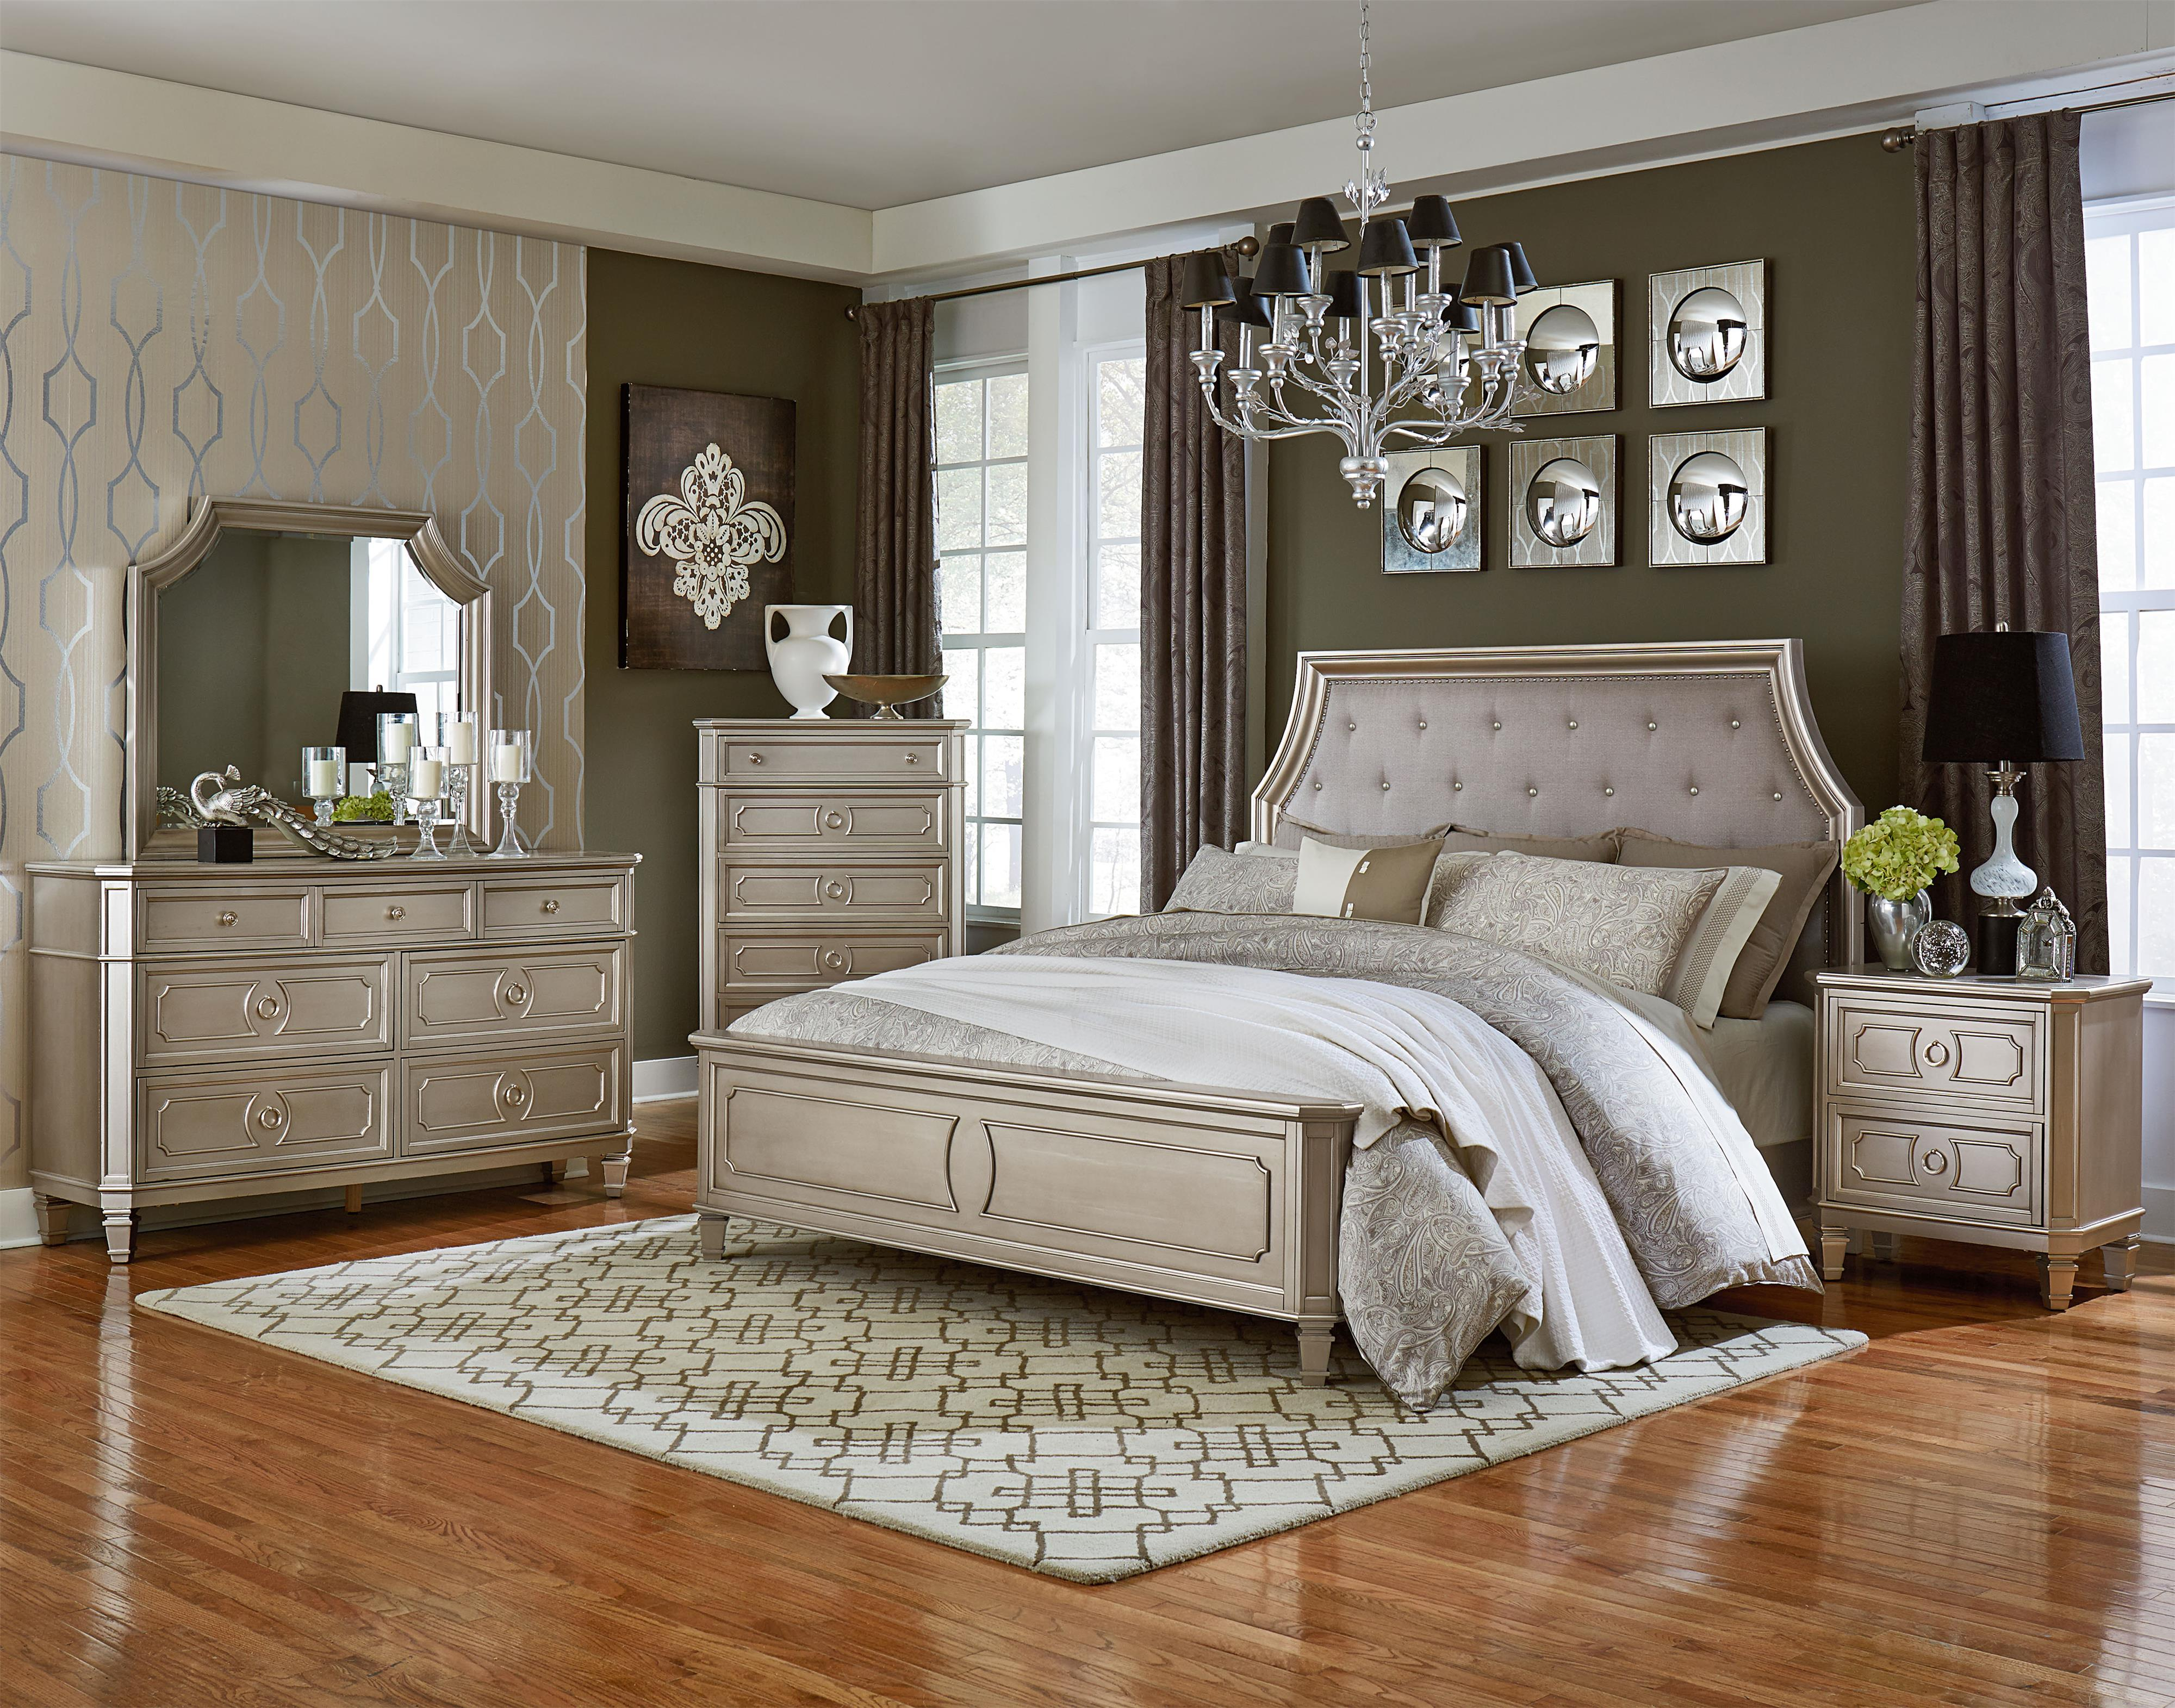 Standard Furniture Windsor Silver Queen Bedroom Group